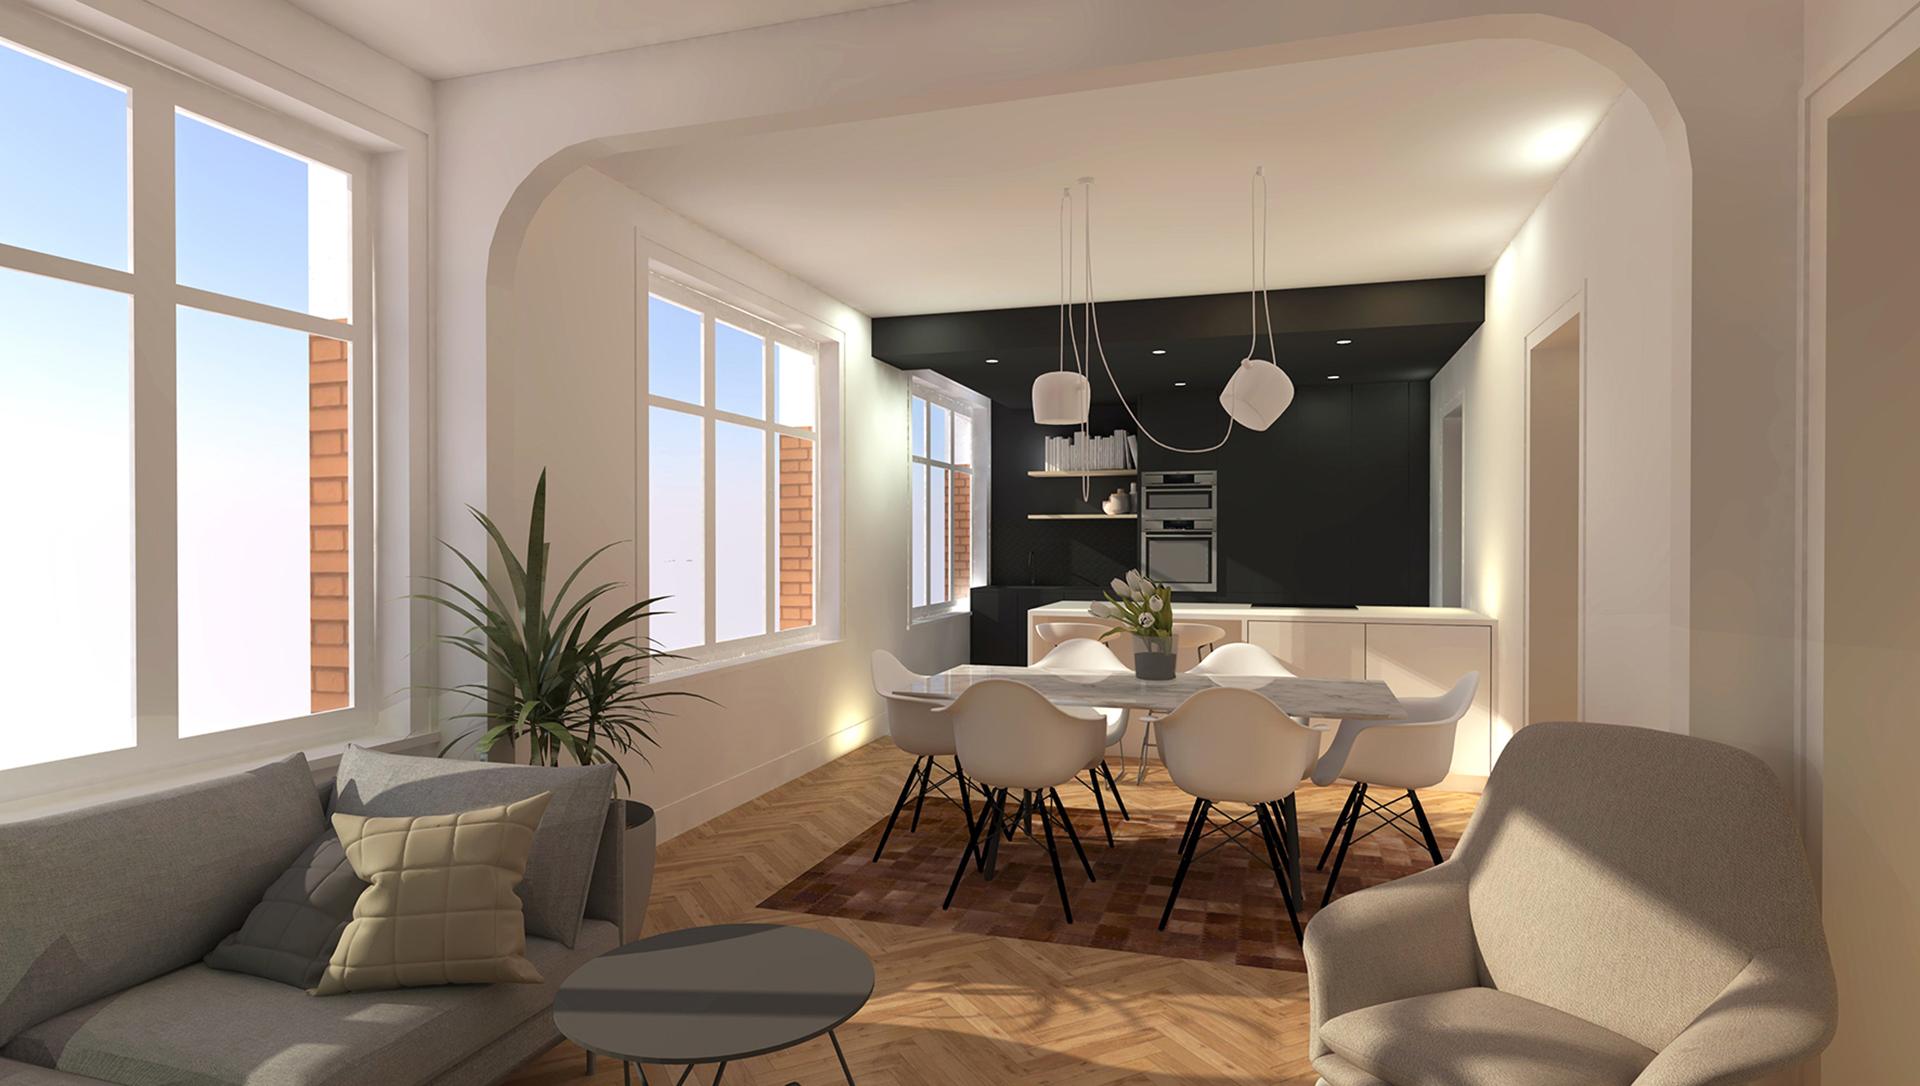 Vue 3D réalisée sous sketchup - Projet de rénovation d'un appartement - LA MADELEINE  BEAR ARCHITECTURE/Maxime DEVOS